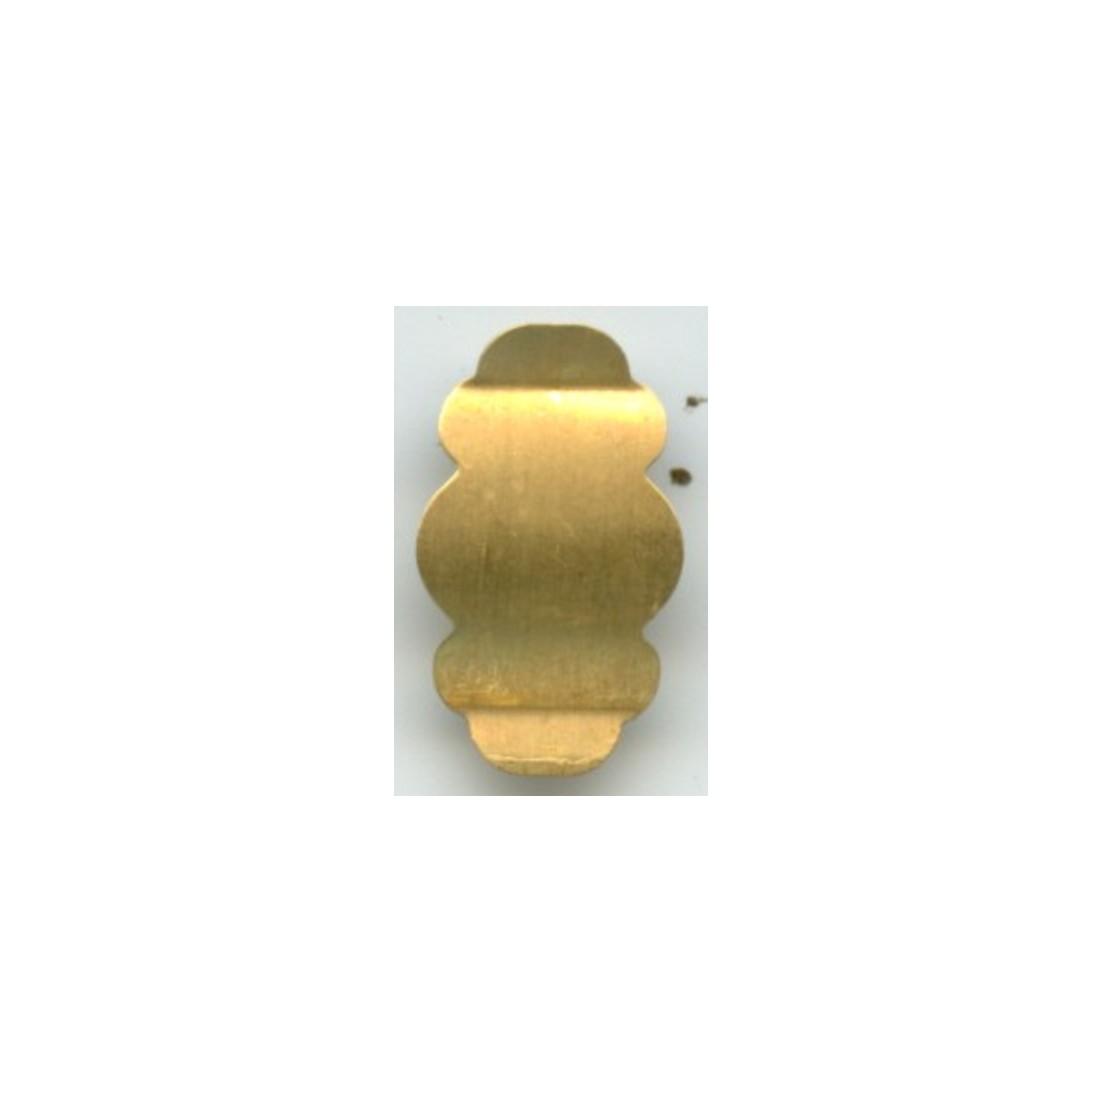 estampaciones para fornituras joyeria fabricante oro mayorista cordoba ref. 480007